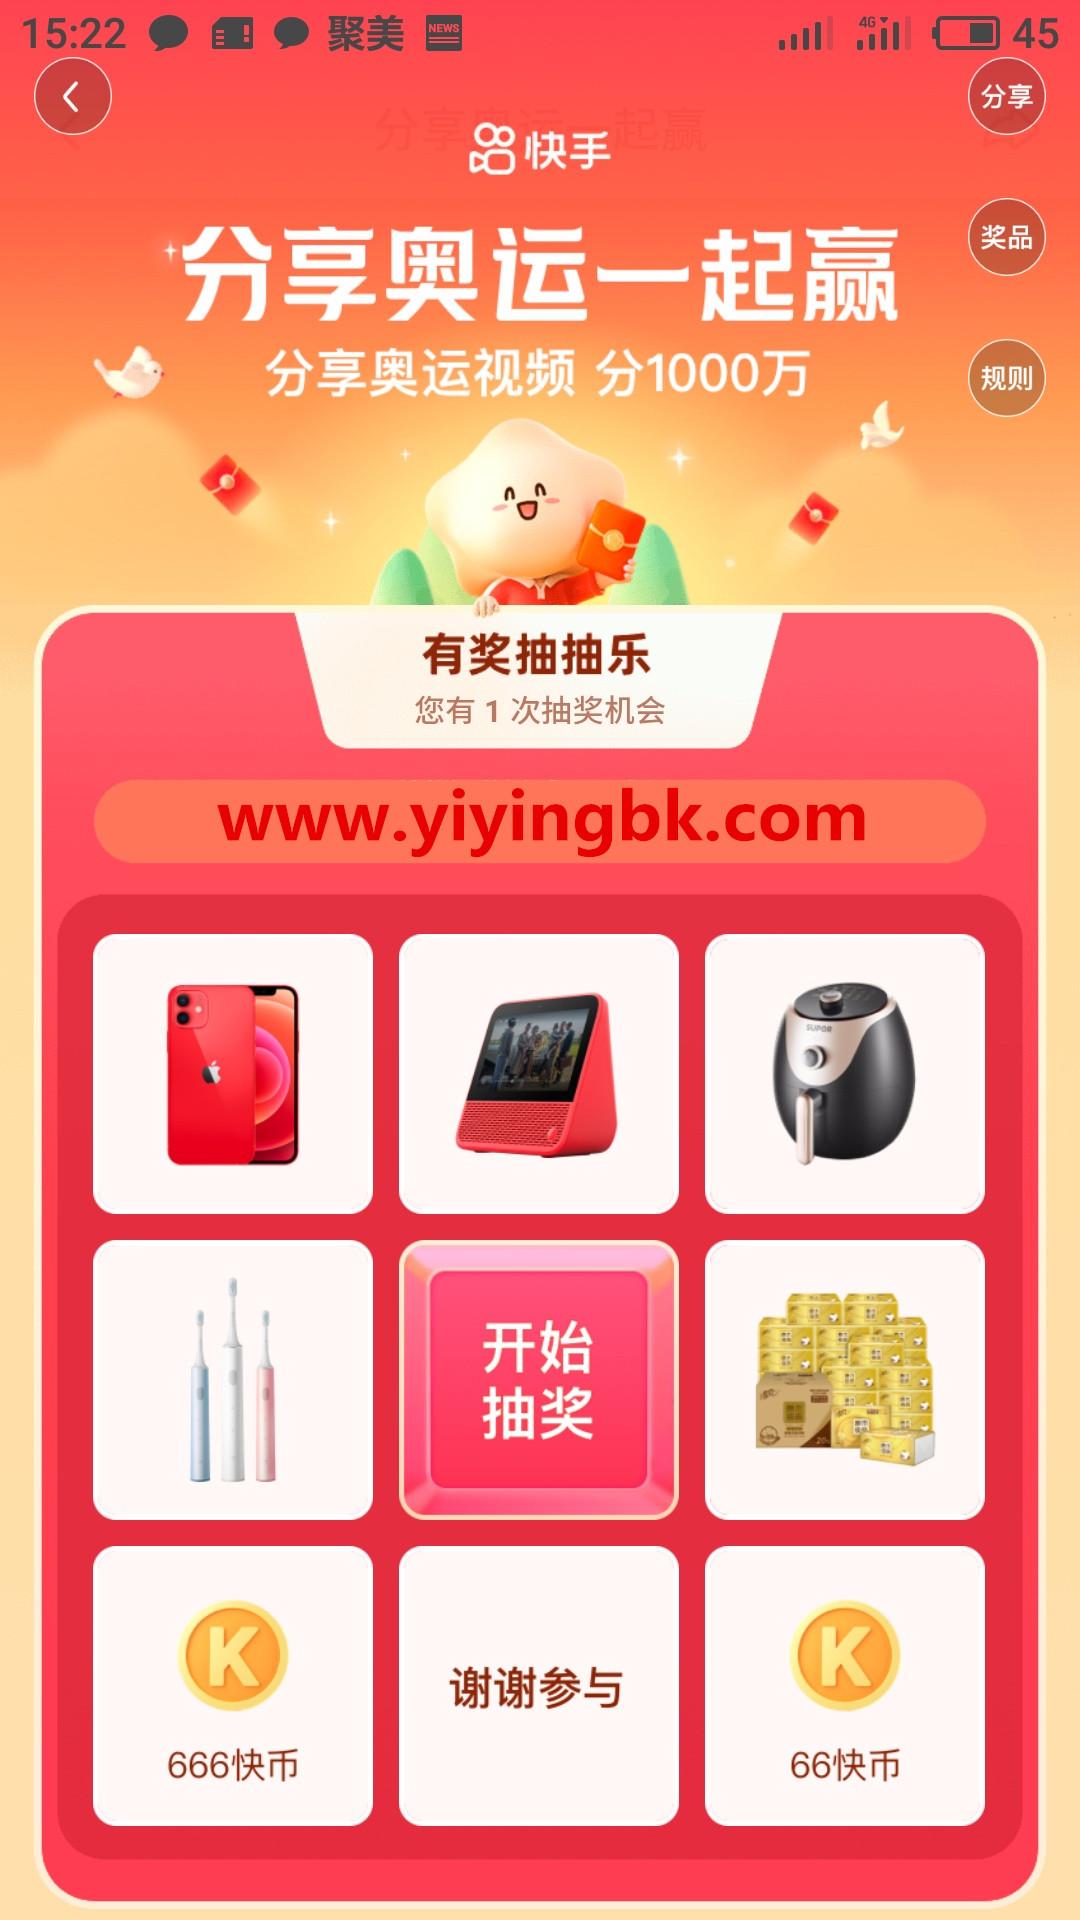 分享奥运视频抽奖,分1000万红包。www.yiyingbk.com